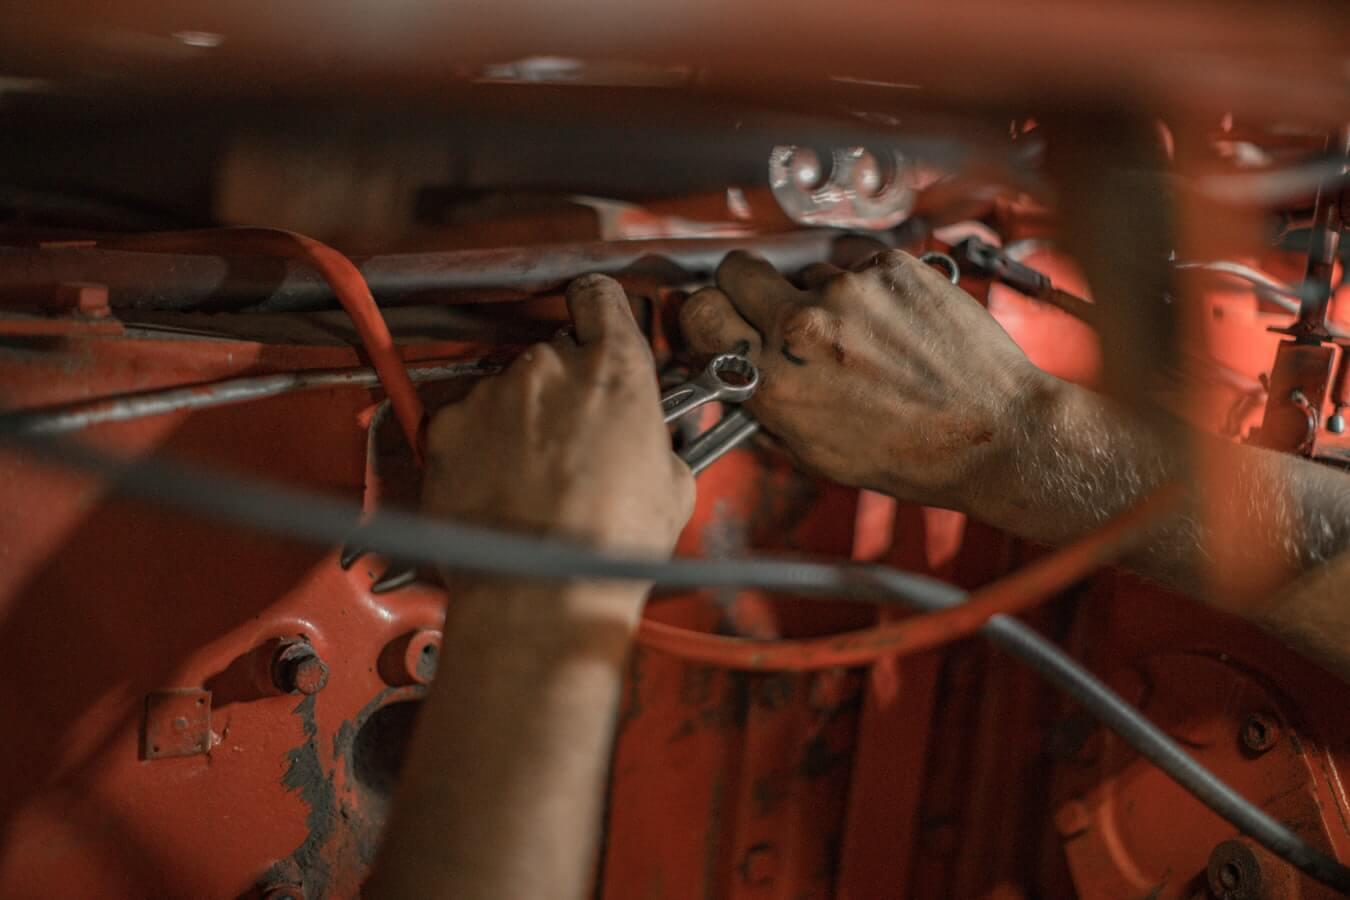 Mecânico consertando a correia dentada